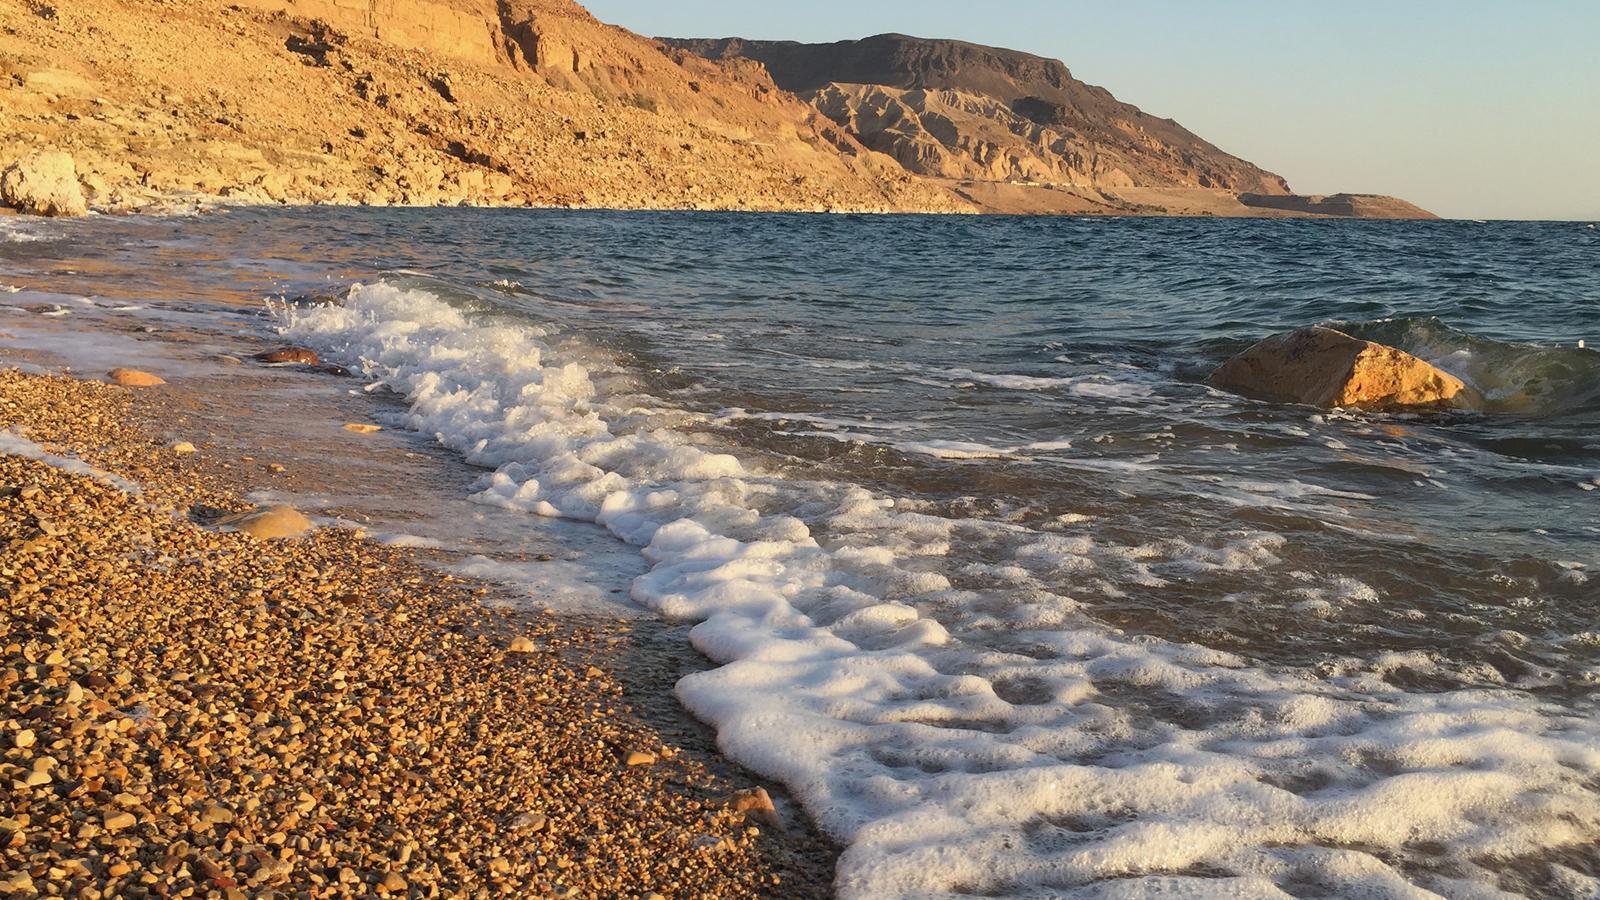 السياحة العلاجية في البحر الميت